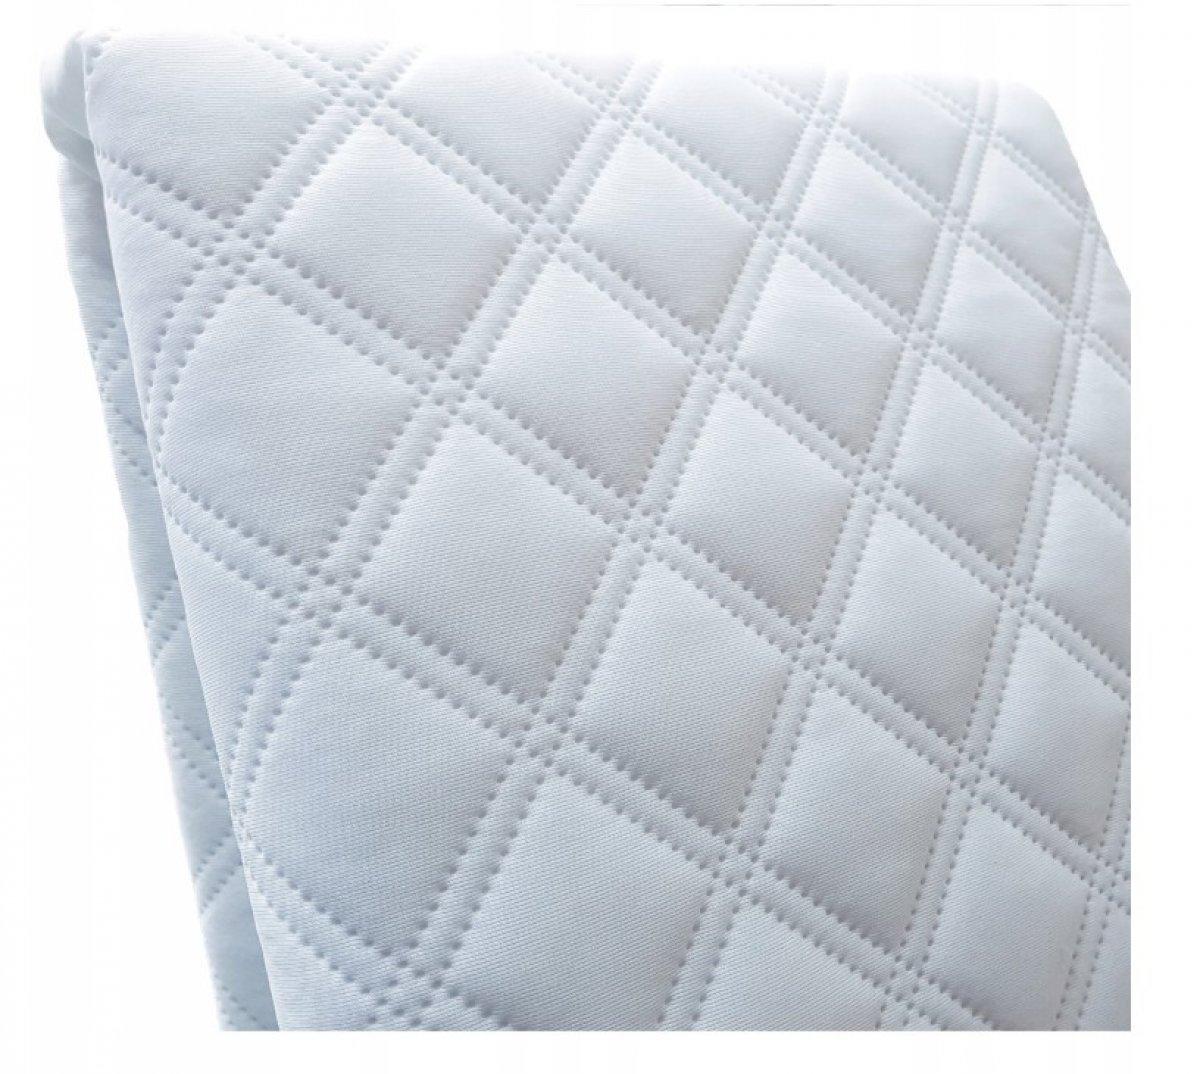 Chránič matrace 140/200 cm nepropustný, prošívaný